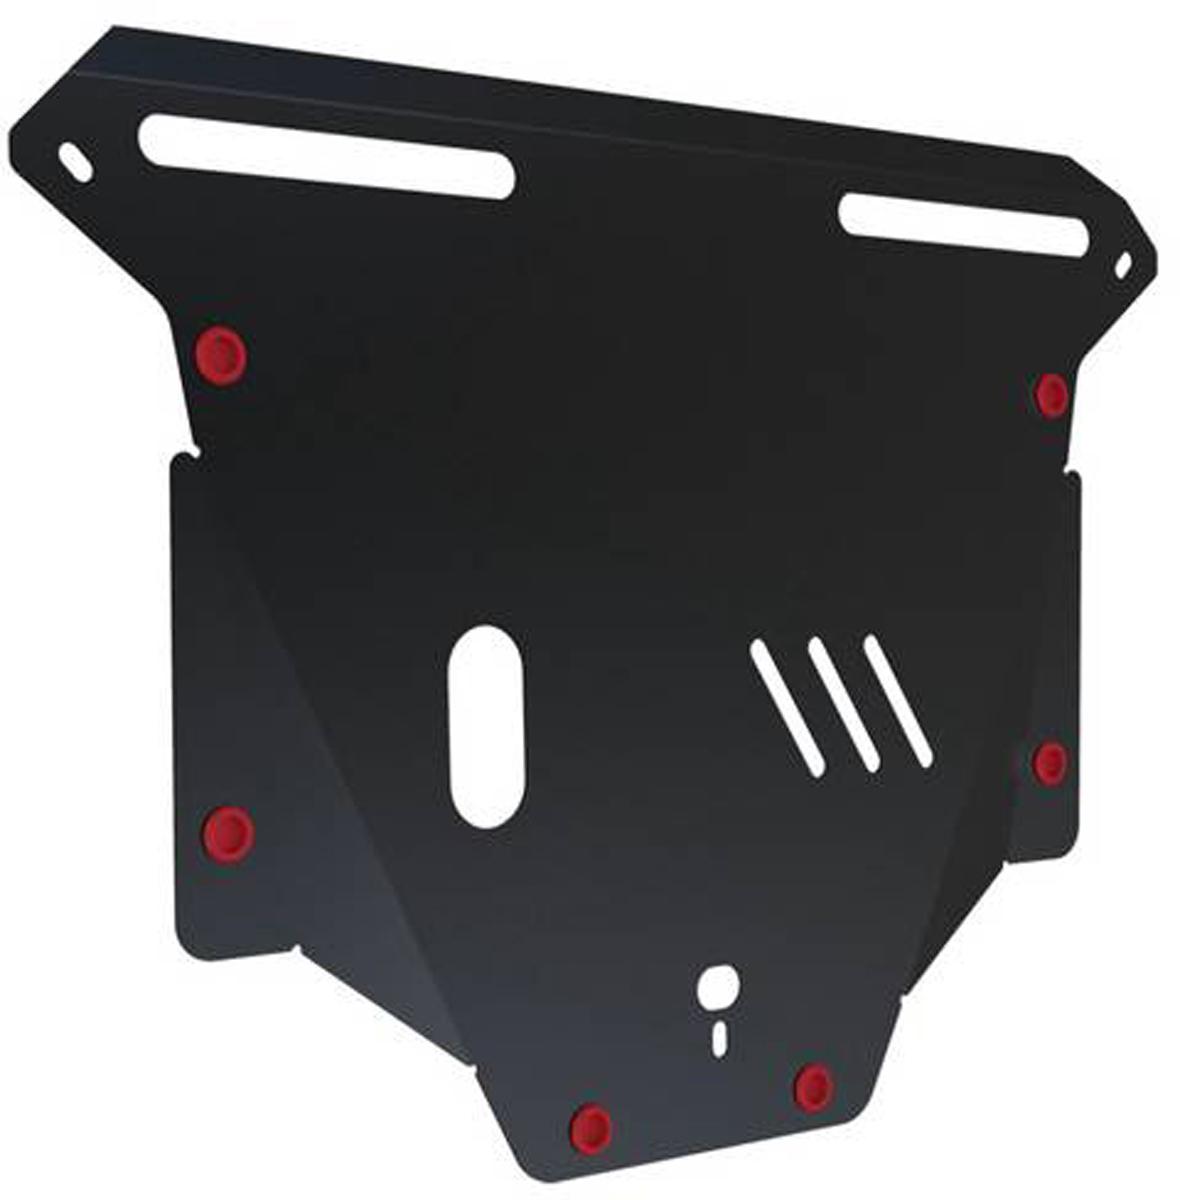 Защита картера и КПП Автоброня Honda CR-V 2002-2006, сталь 2 мм111.02110.1Защита картера и КПП Автоброня Honda CR-V II 2002-2006, сталь 2 мм, комплект крепежа, 111.02110.1Стальные защиты Автоброня надежно защищают ваш автомобиль от повреждений при наезде на бордюры, выступающие канализационные люки, кромки поврежденного асфальта или при ремонте дорог, не говоря уже о загородных дорогах. - Имеют оптимальное соотношение цена-качество. - Спроектированы с учетом особенностей автомобиля, что делает установку удобной. - Защита устанавливается в штатные места кузова автомобиля. - Является надежной защитой для важных элементов на протяжении долгих лет. - Глубокий штамп дополнительно усиливает конструкцию защиты. - Подштамповка в местах крепления защищает крепеж от срезания. - Технологические отверстия там, где они необходимы для смены масла и слива воды, оборудованные заглушками, закрепленными на защите. Толщина стали 2 мм. В комплекте крепеж и инструкция по установке.